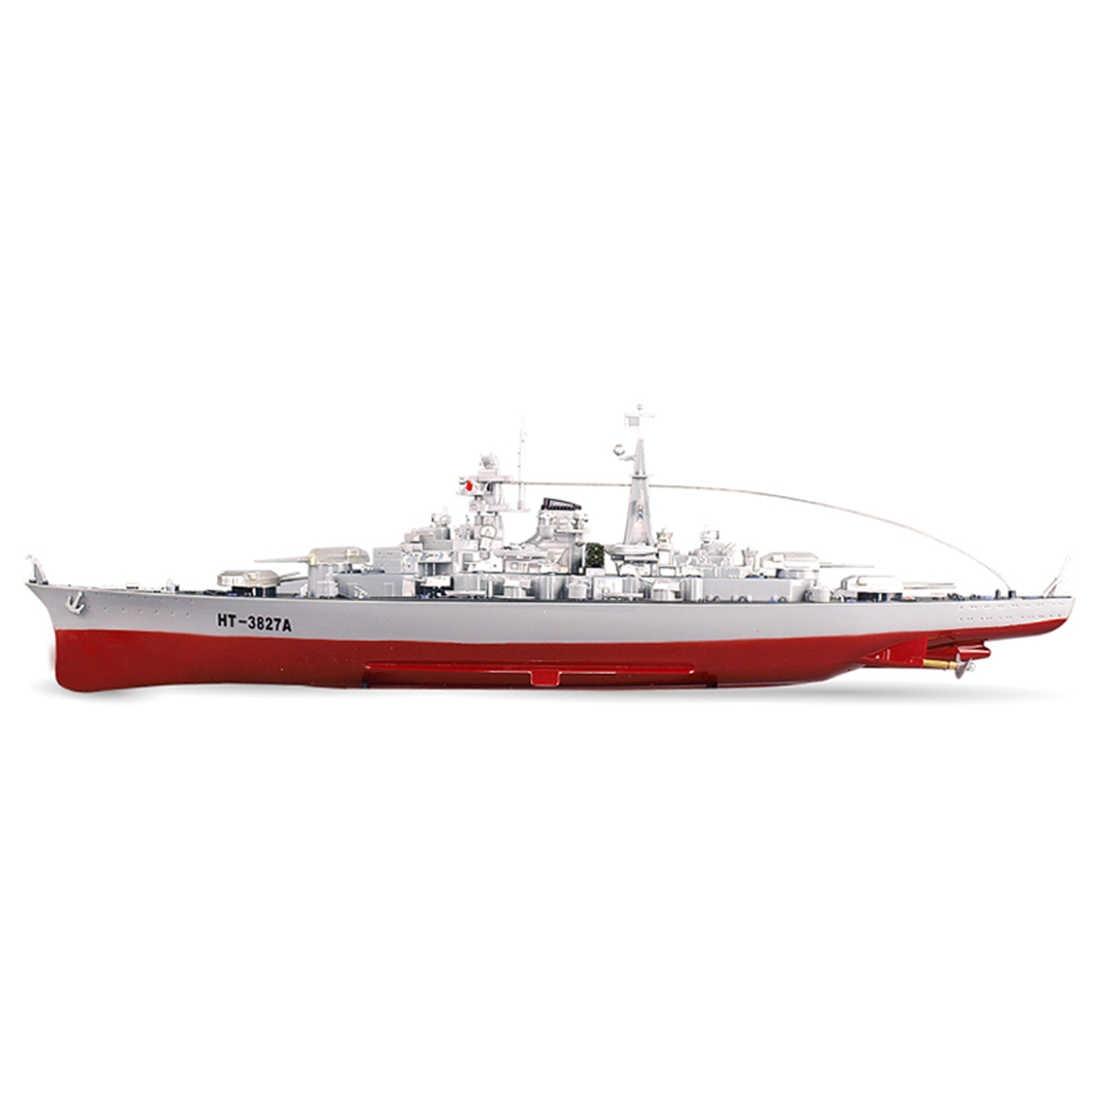 Hot 71cm 1: 360 RC wojskowy pancernik RC Cruiser okręt wojenny zabawka sterowanie wojskowe zdalnie sterowana łódka RC Destroyer zabawki modele najlepsze prezenty-wtyczka amerykańska